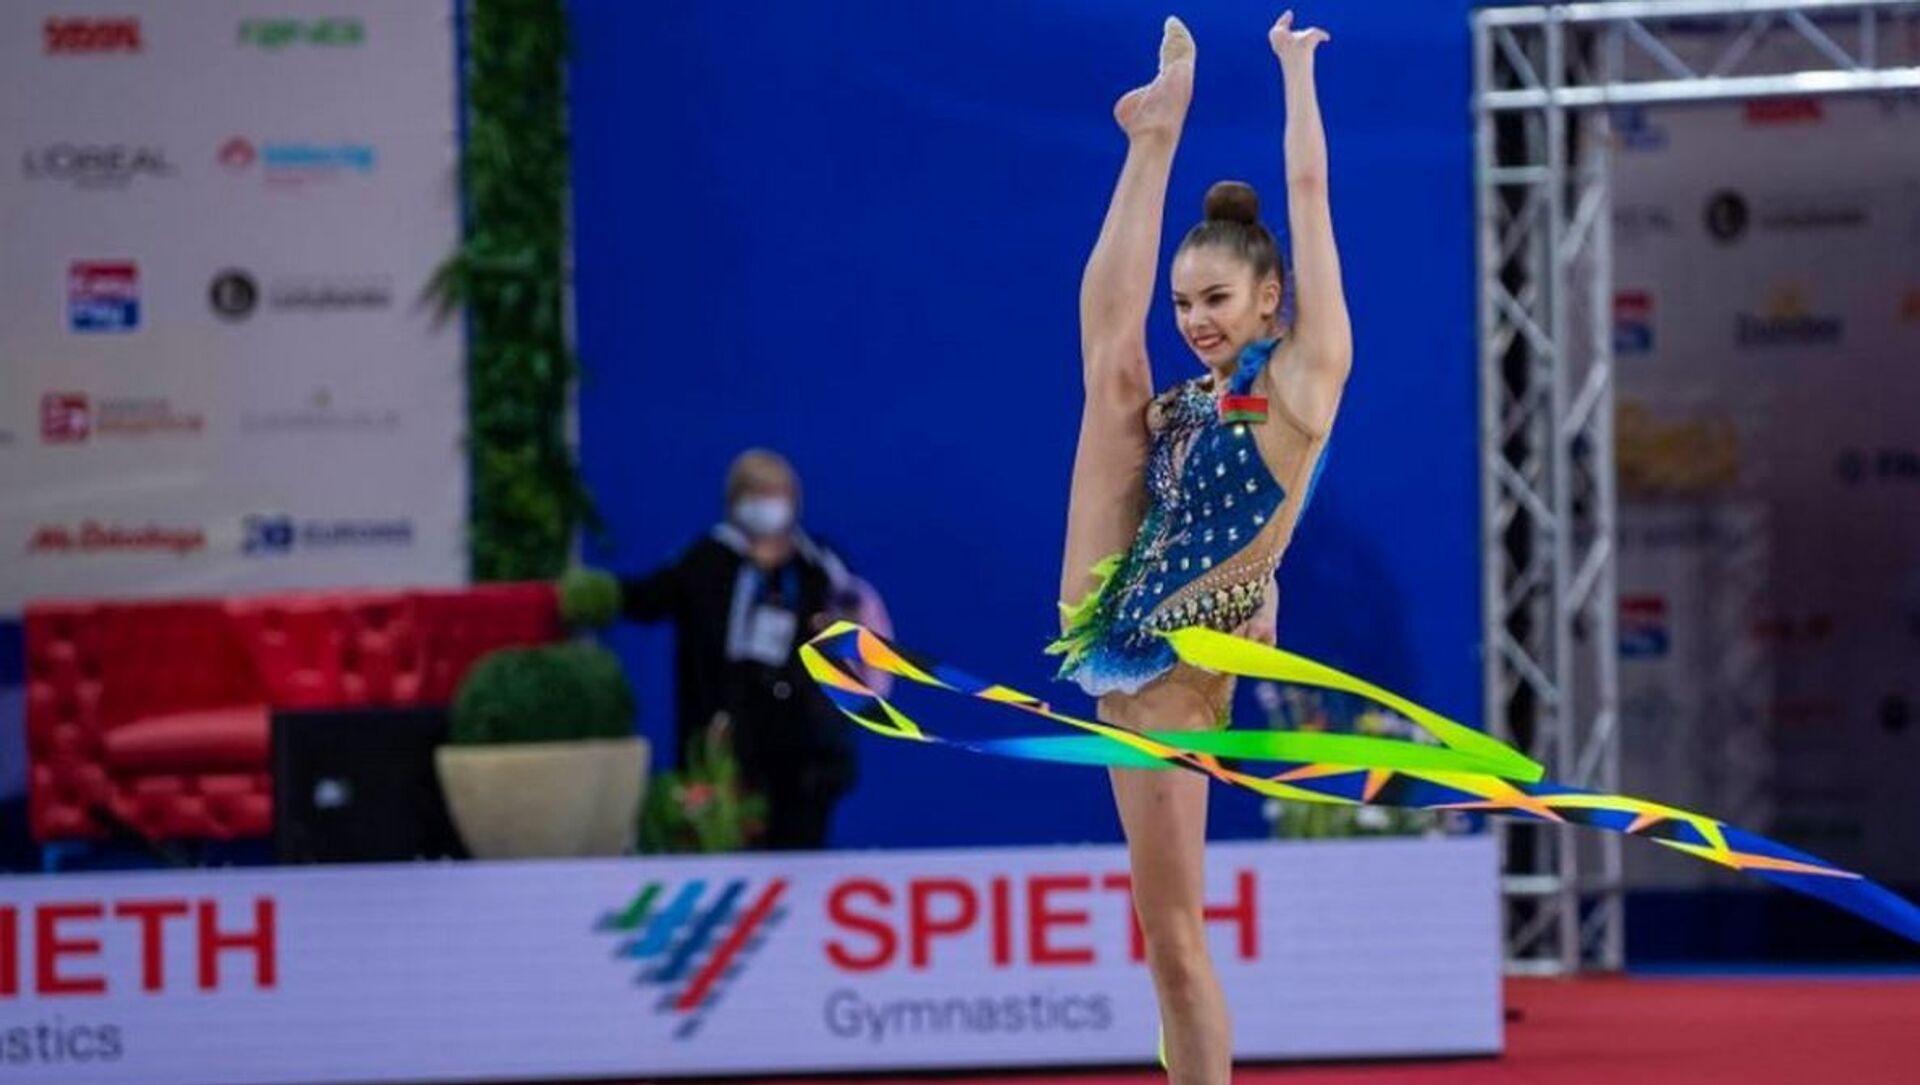 Гімнастка Анастасія Салас - Sputnik Беларусь, 1920, 29.03.2021